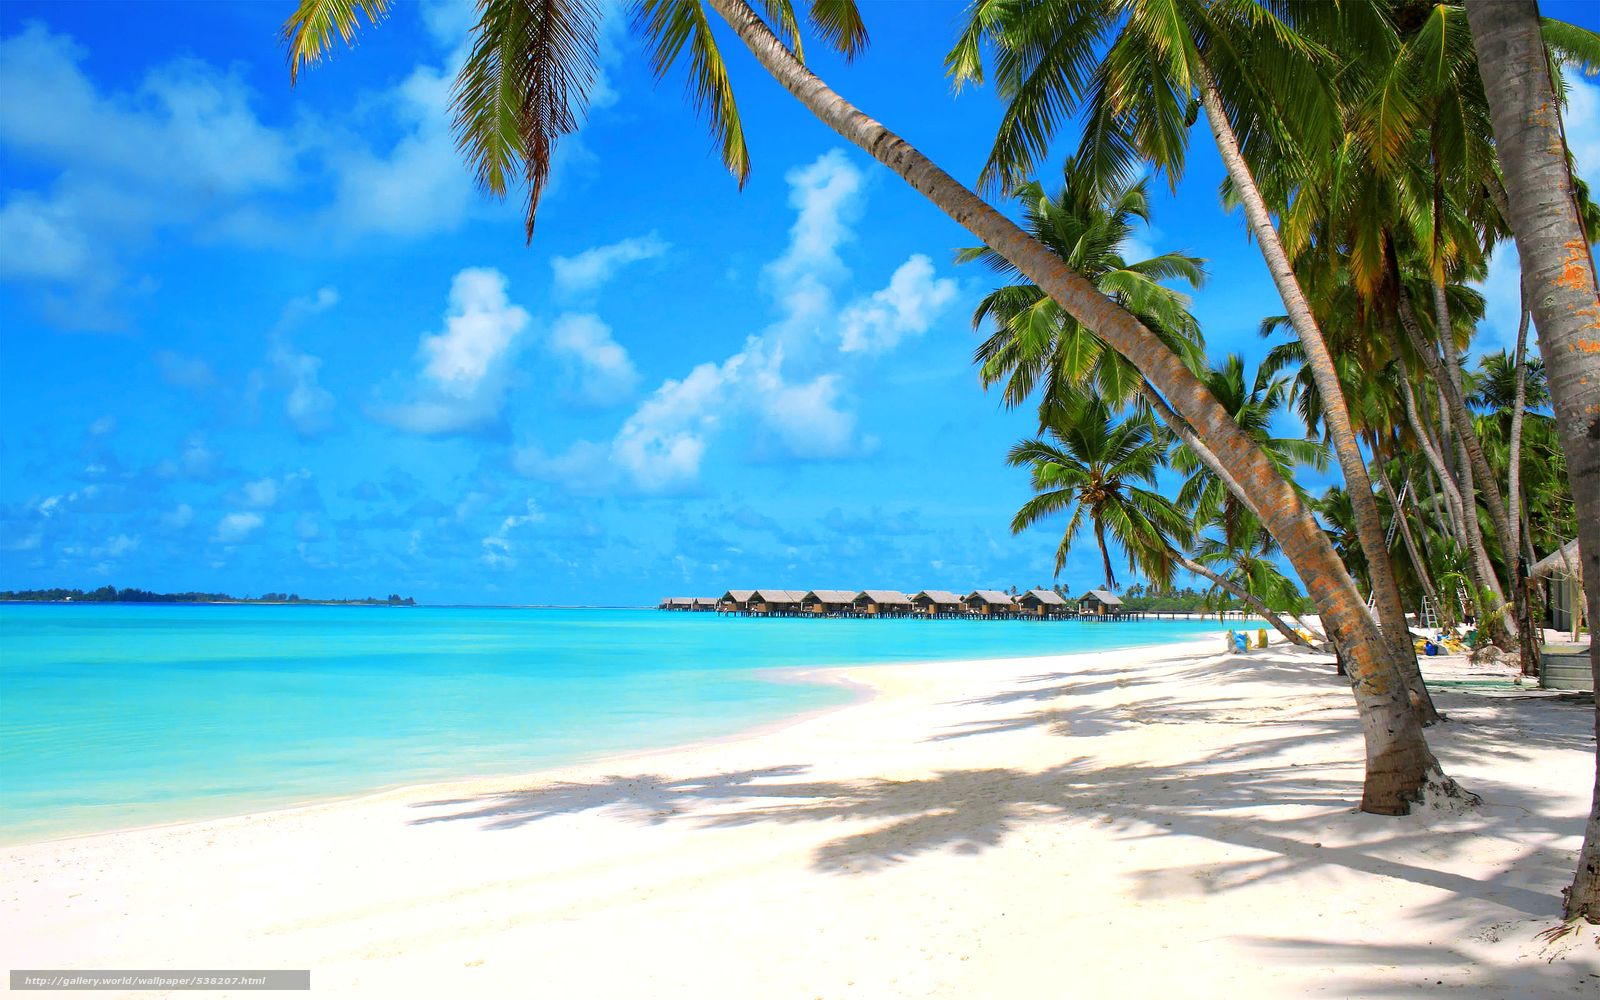 Tlcharger fond d 39 ecran tropiques mer plage fonds d 39 ecran for Desktop gratis mare